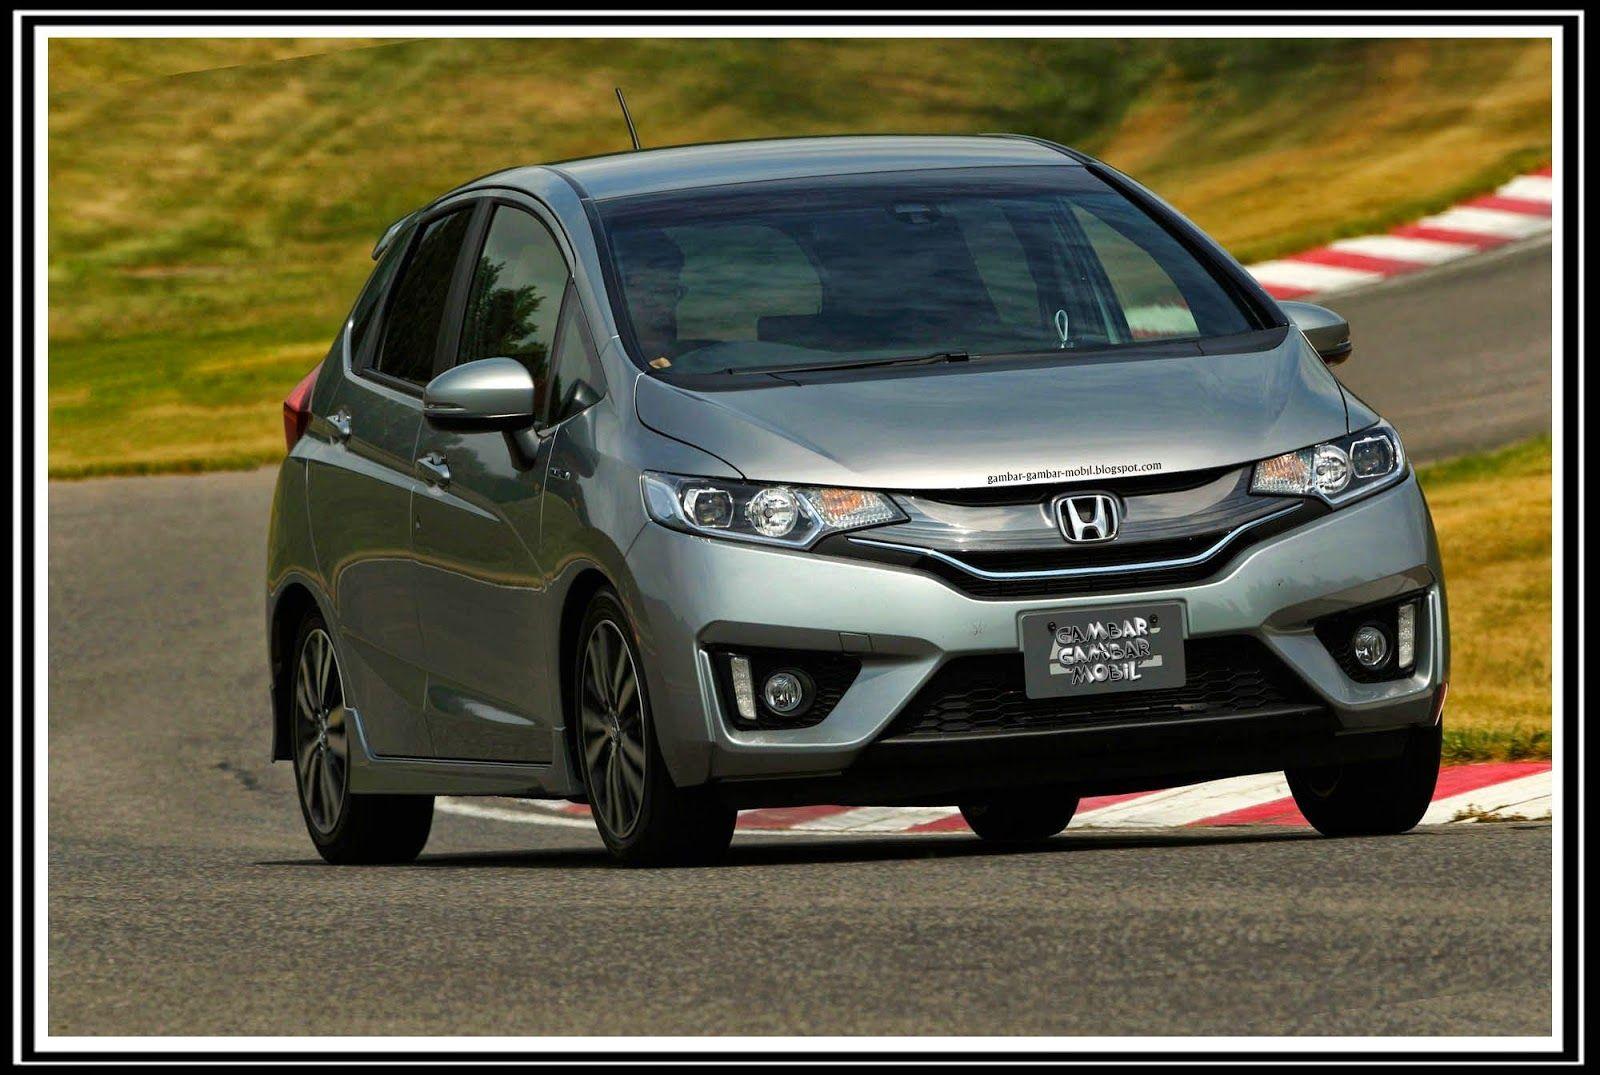 Kelebihan Honda Jazz Baru Perbandingan Harga